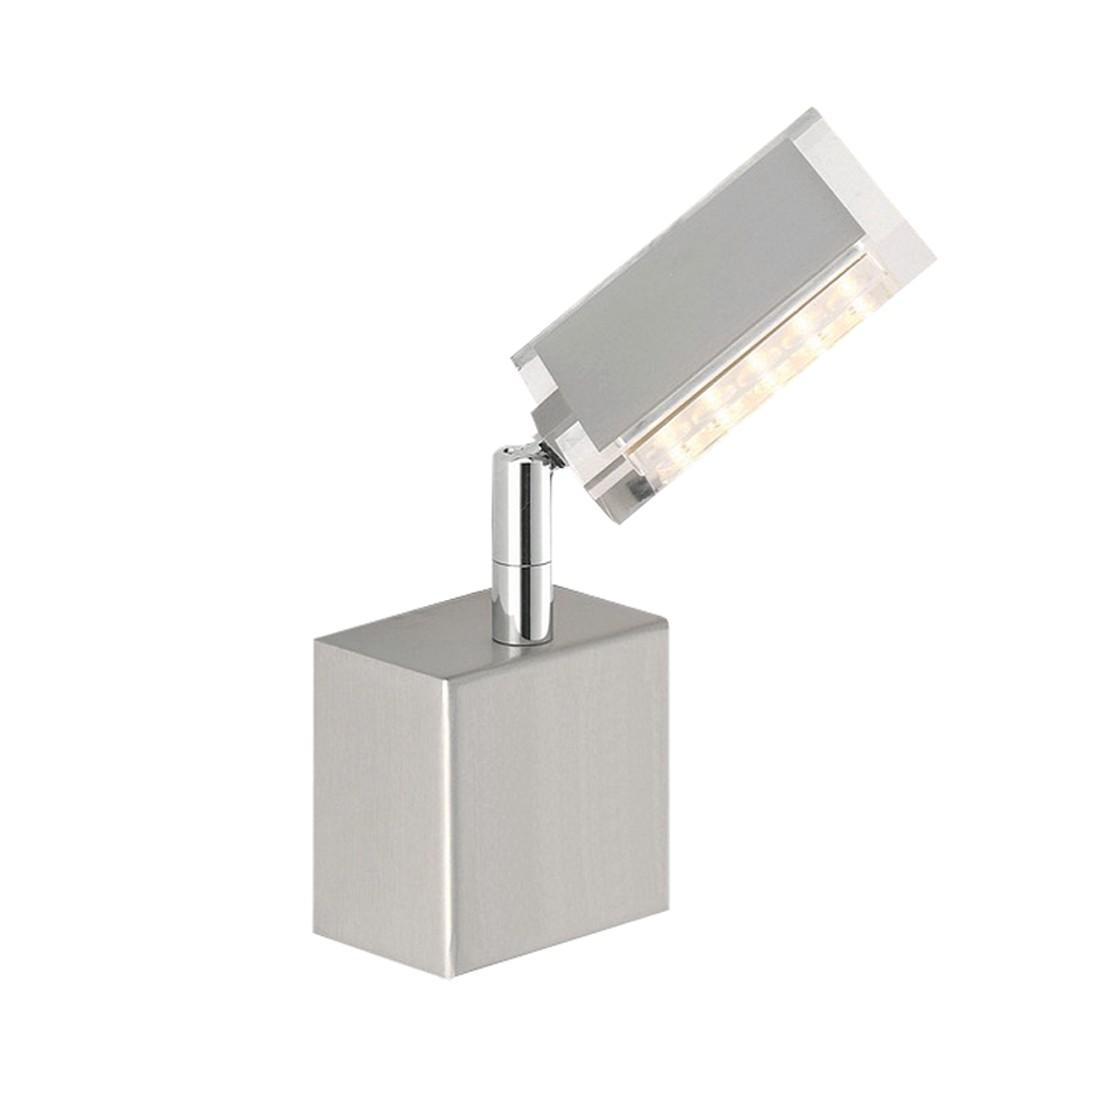 EEK A+, LED-Wandleuchte FUTURA - Stahl - Silber, Paul Neuhaus